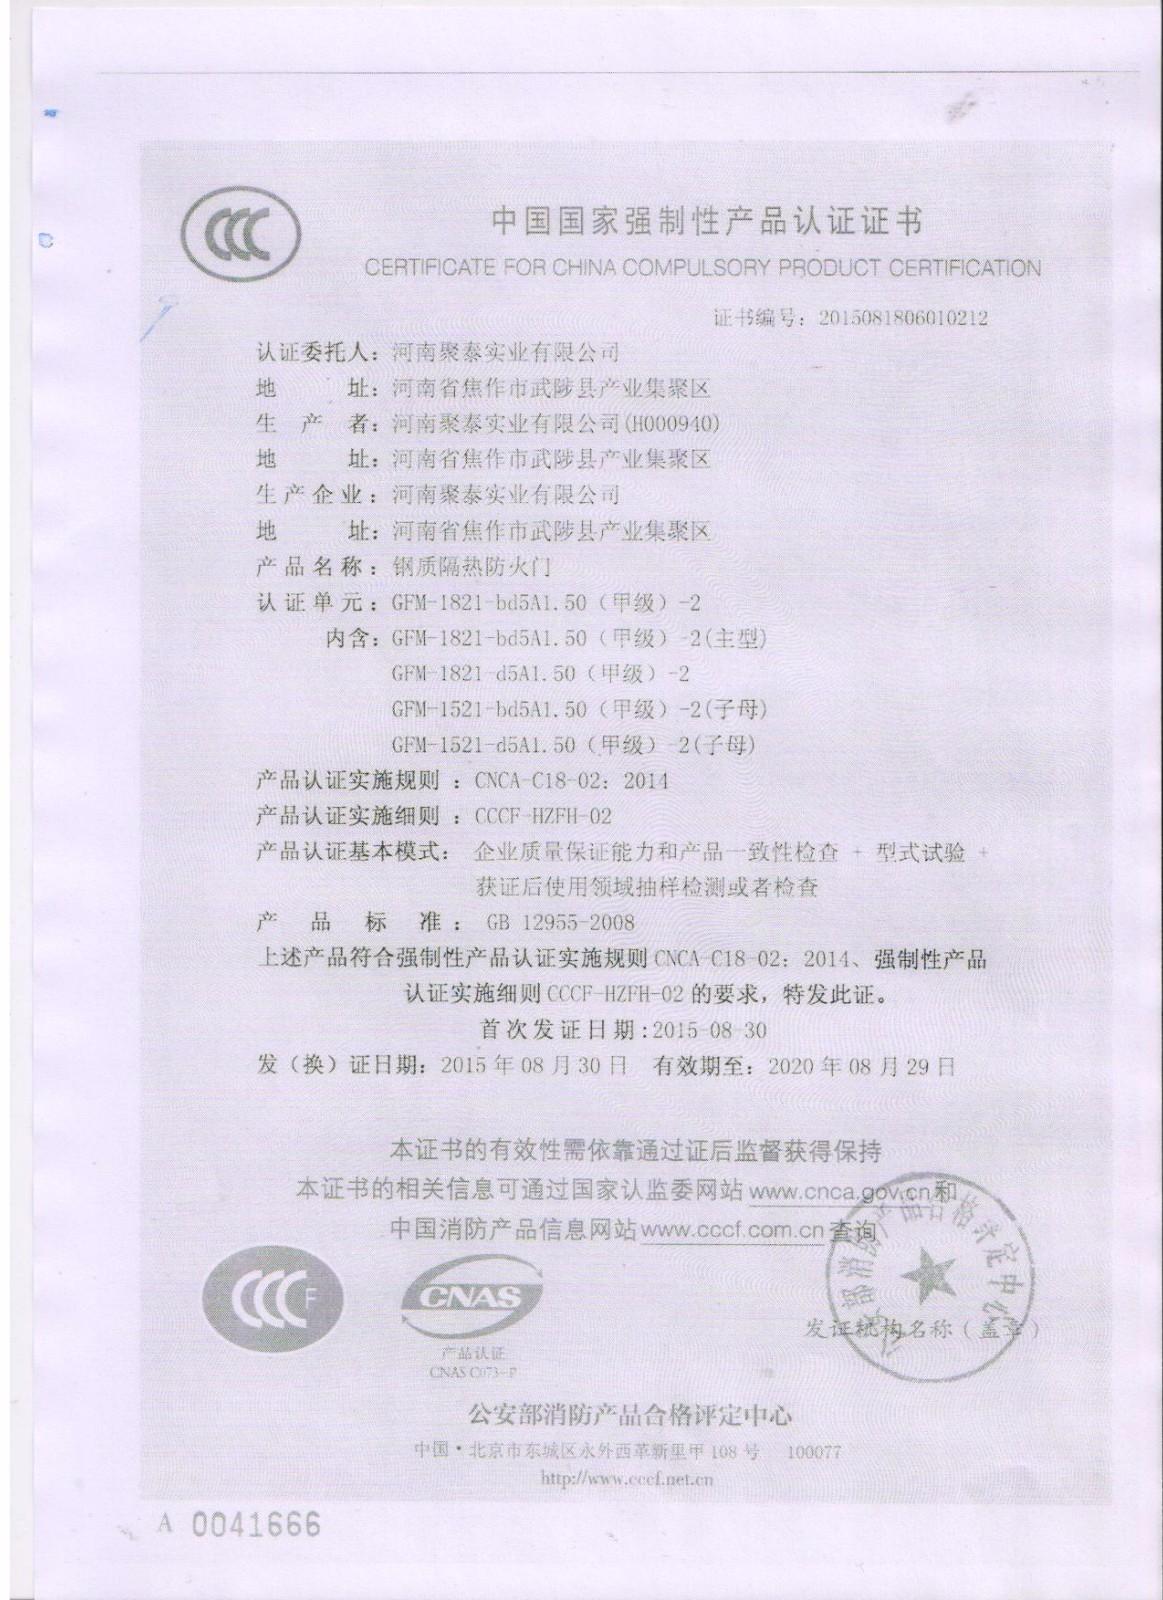 钢质防火门甲-2证书